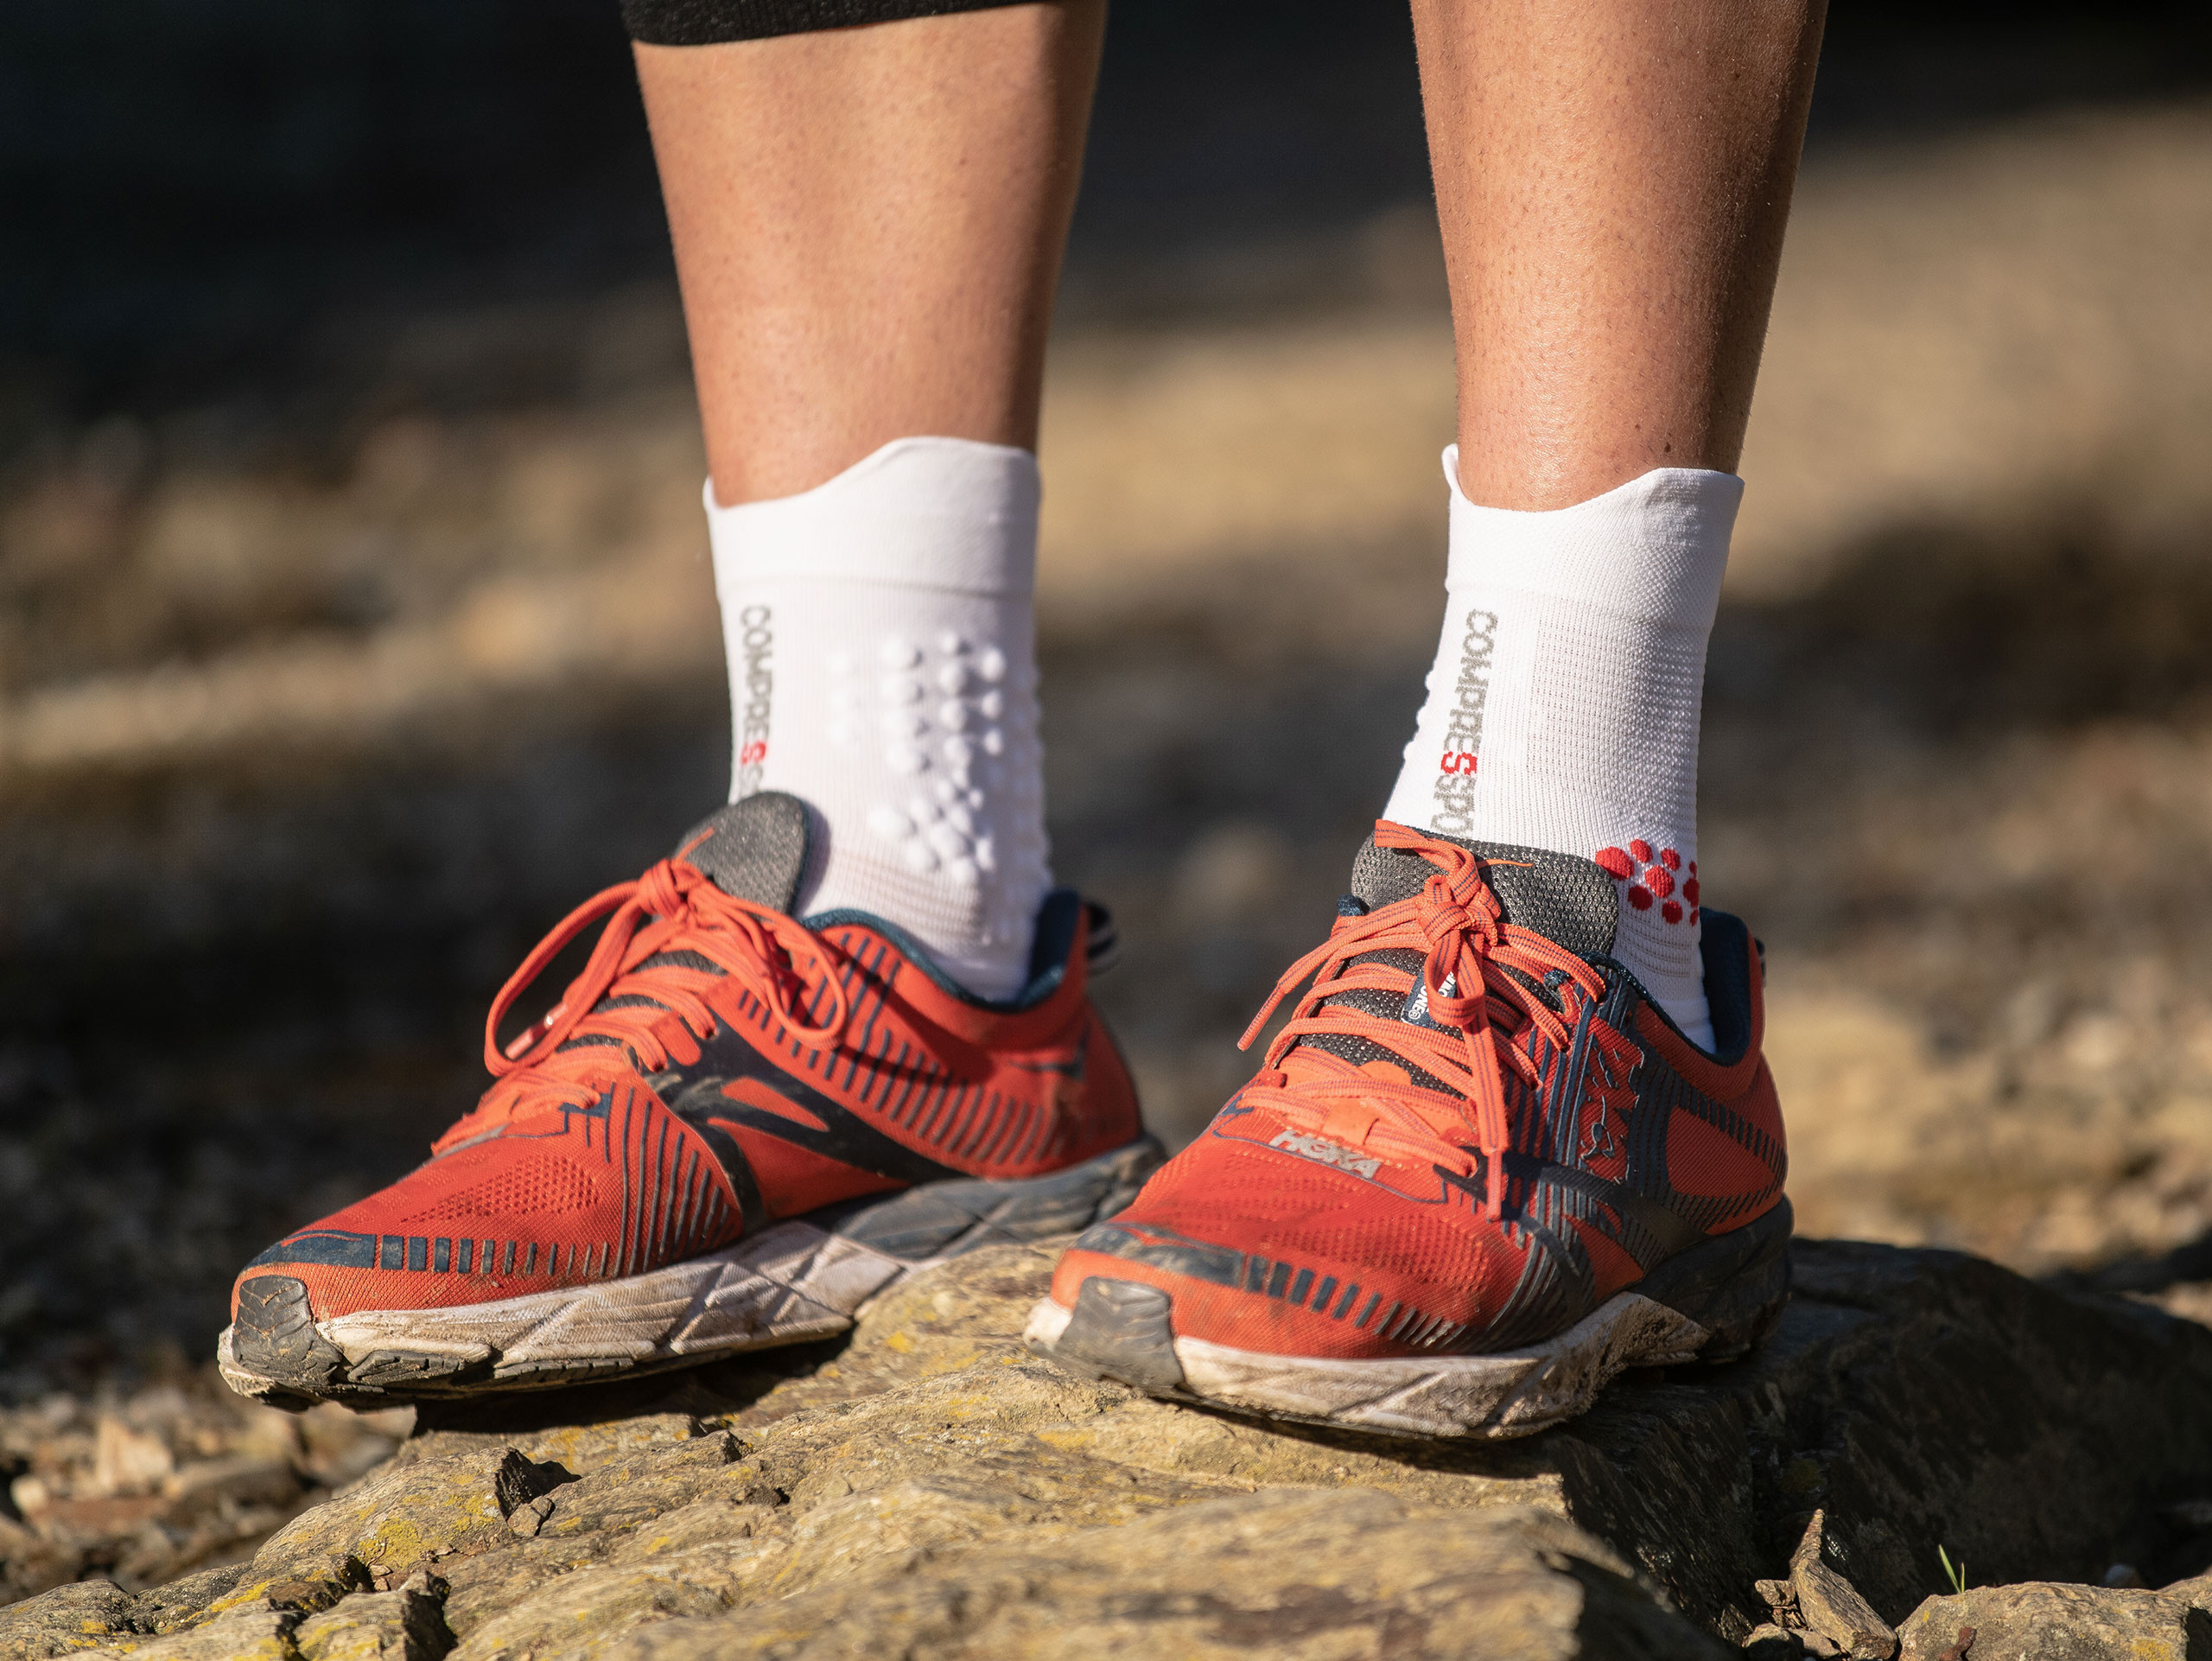 Pro racing socks v3.0 white